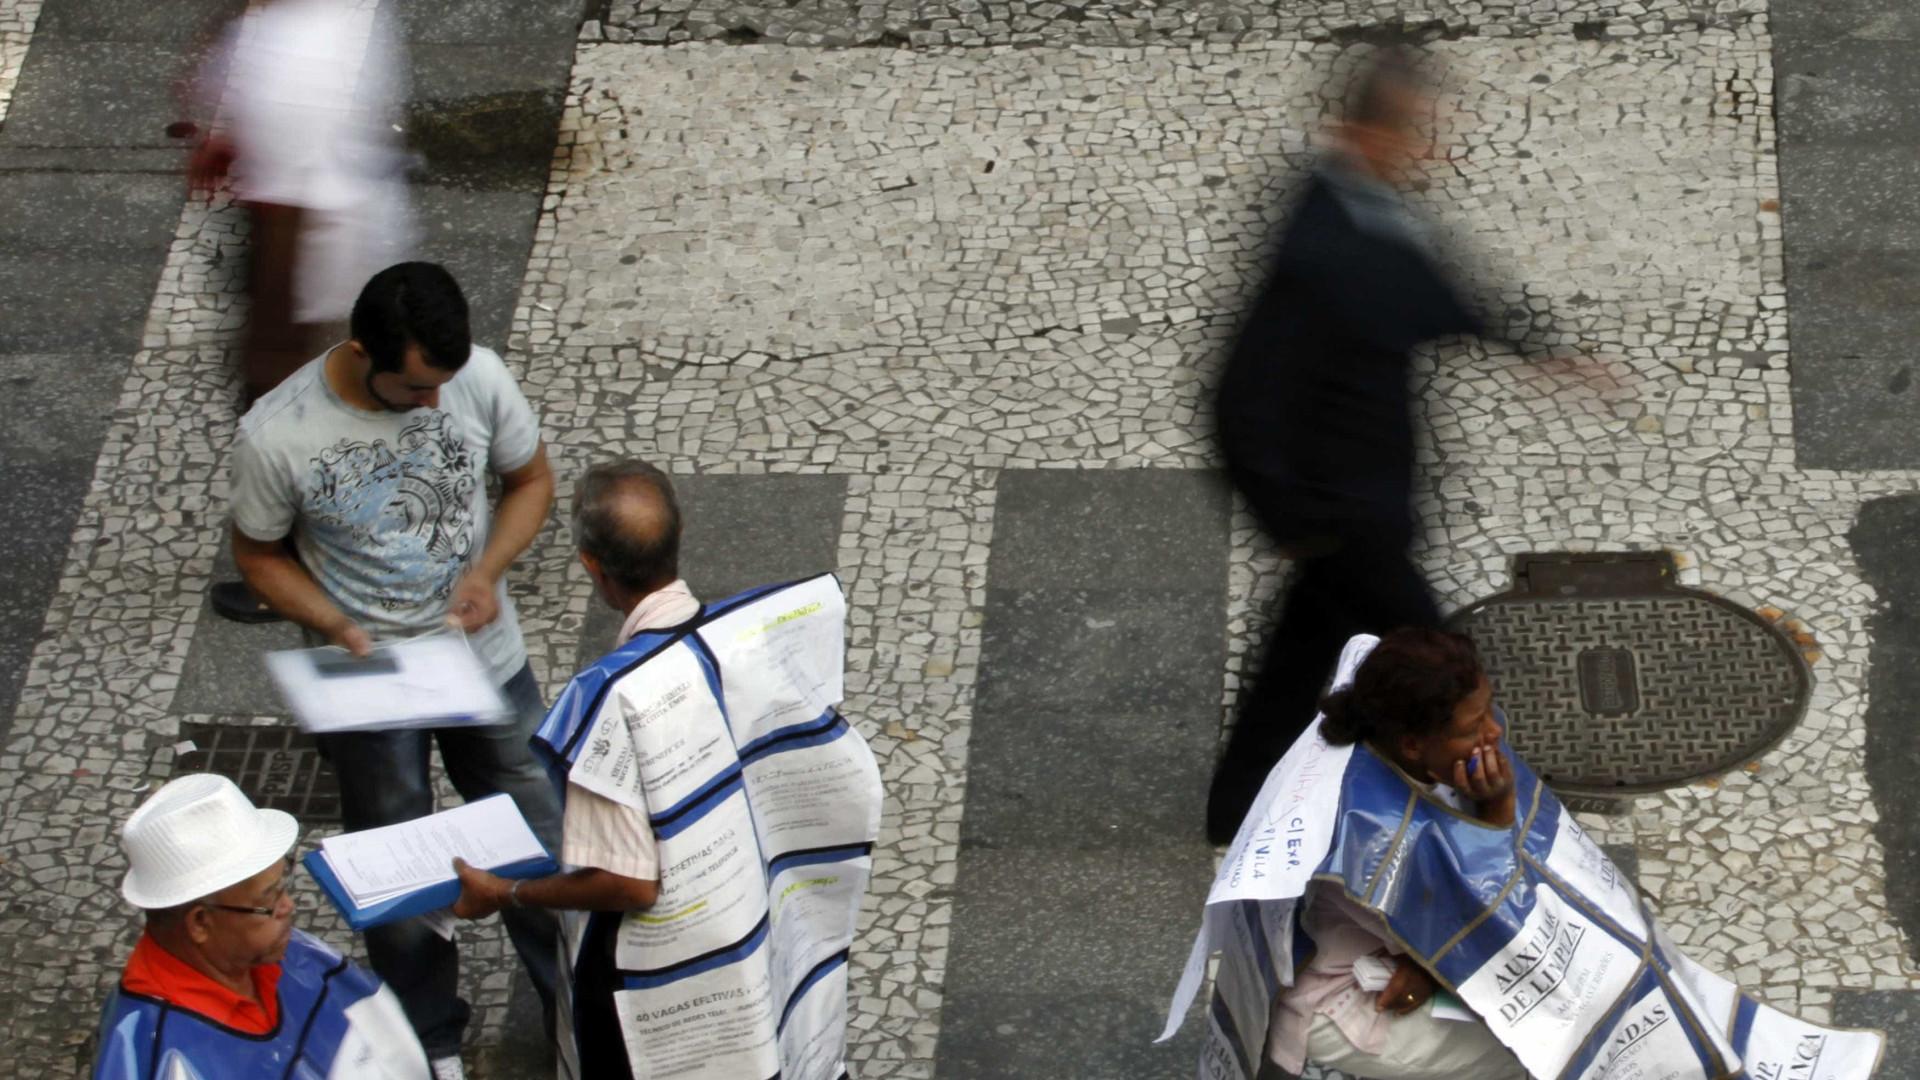 Em 5 anos, dobra o número de pessoas que desistem de procurar emprego